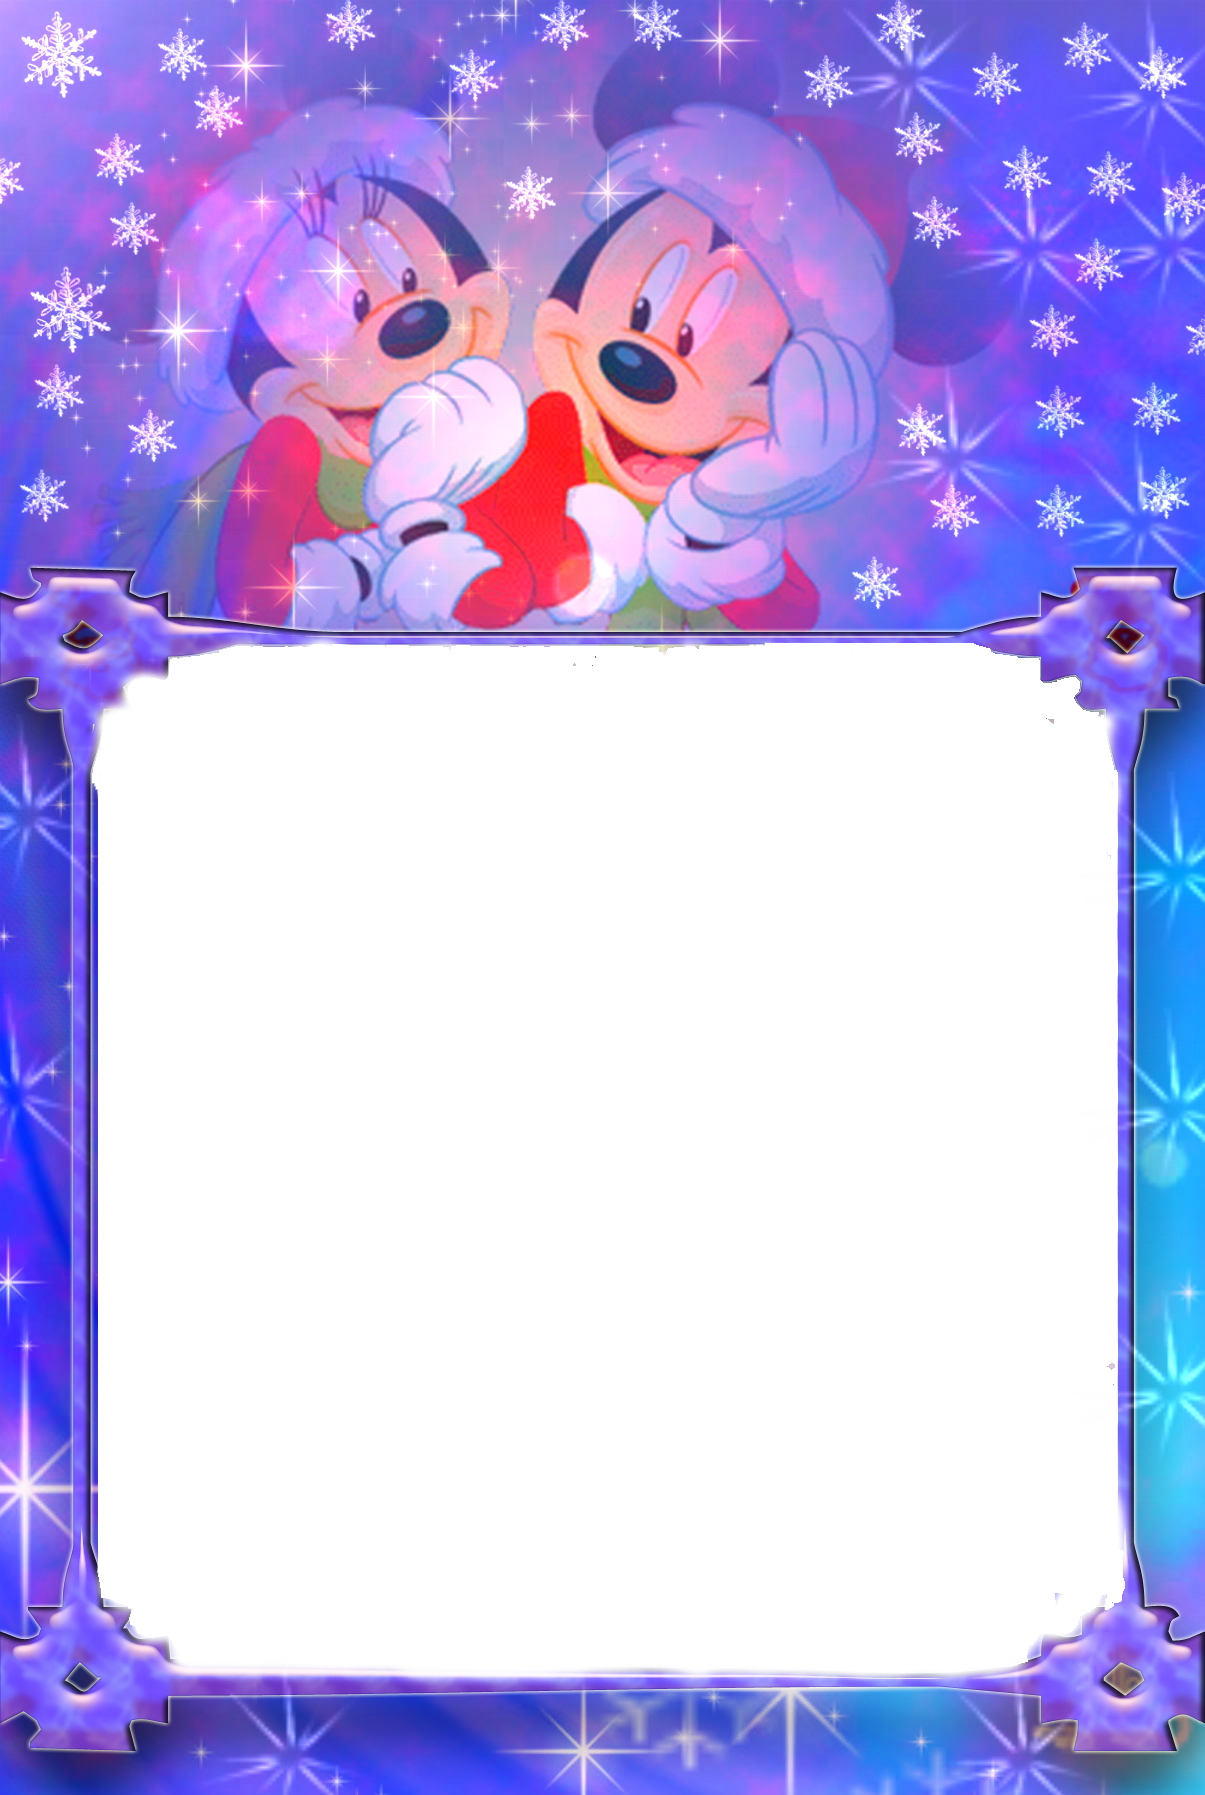 Новогодние рамки. Огромная вертикальная новогодняя рамка для одной детской фотографии. Новогодняя рамка сделана так, что лучше всего поставить в неё квадратное фото или крупный портрет ребёнка. Сама новогодняя рамка сделана на сине-фиолетовом фоне с различными снежинками. А сверху глядят друг на друга два мышонка.